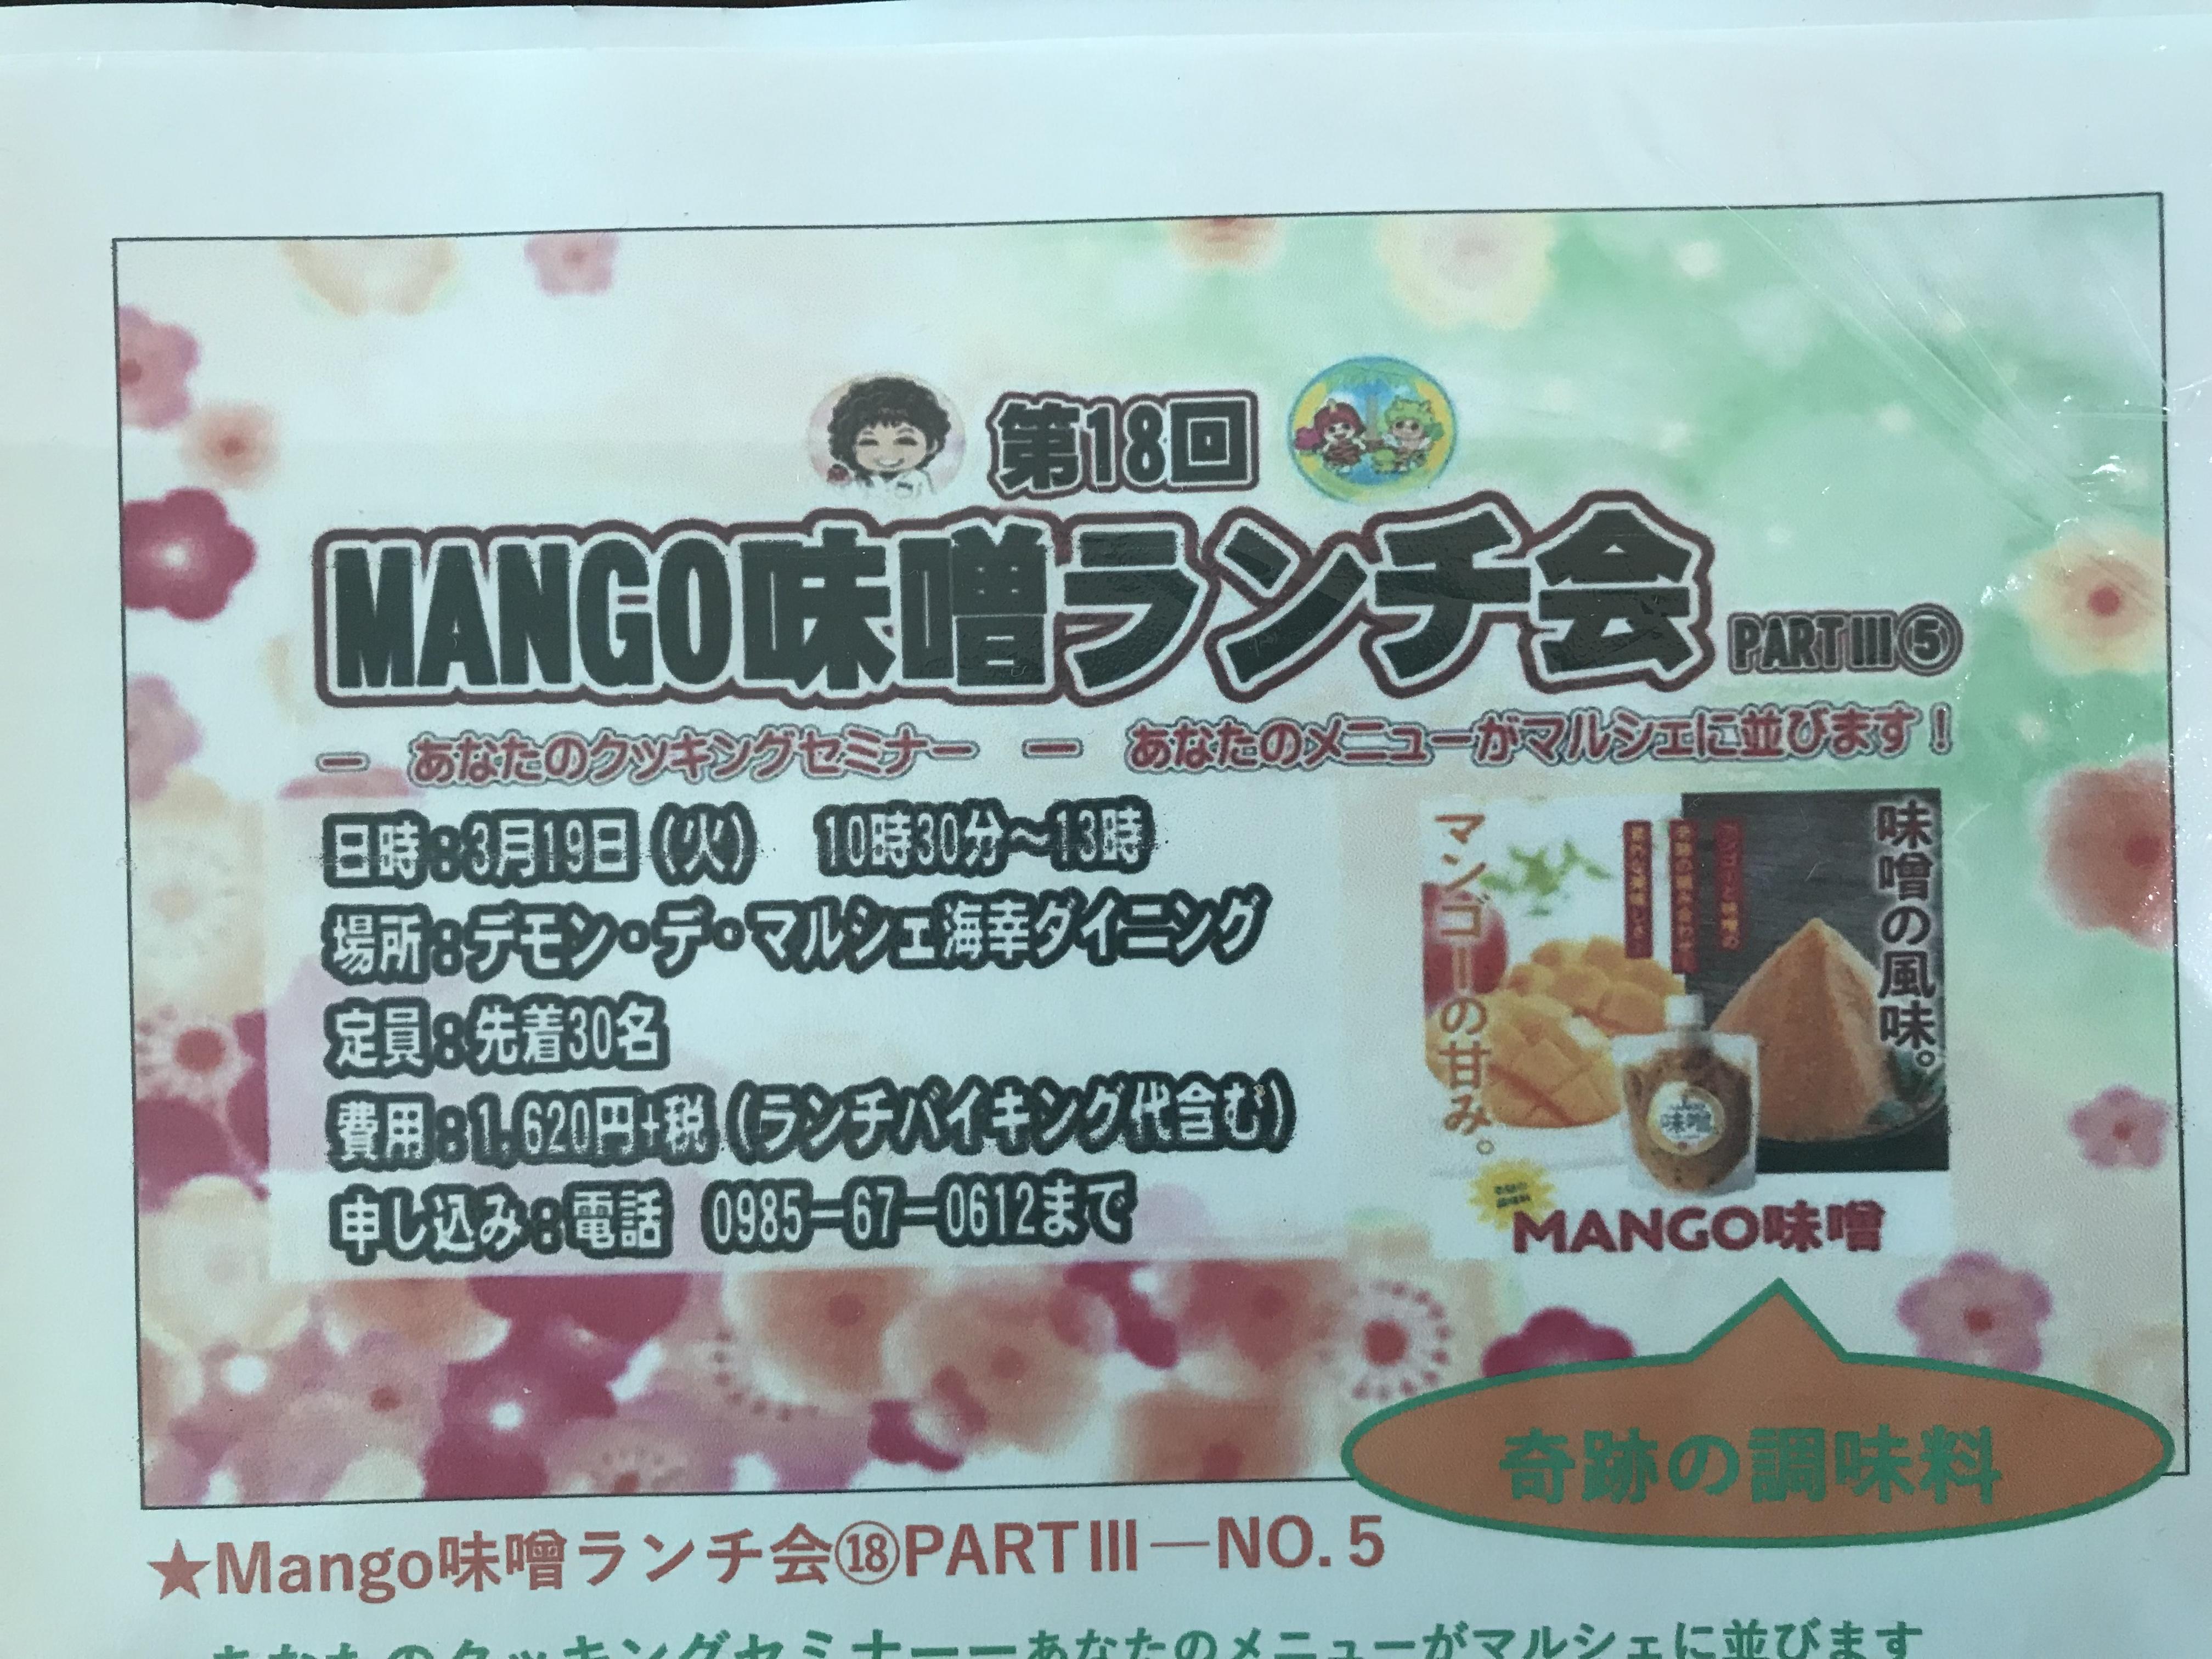 第18回マンゴー味噌ランチ会は熱心さに圧倒